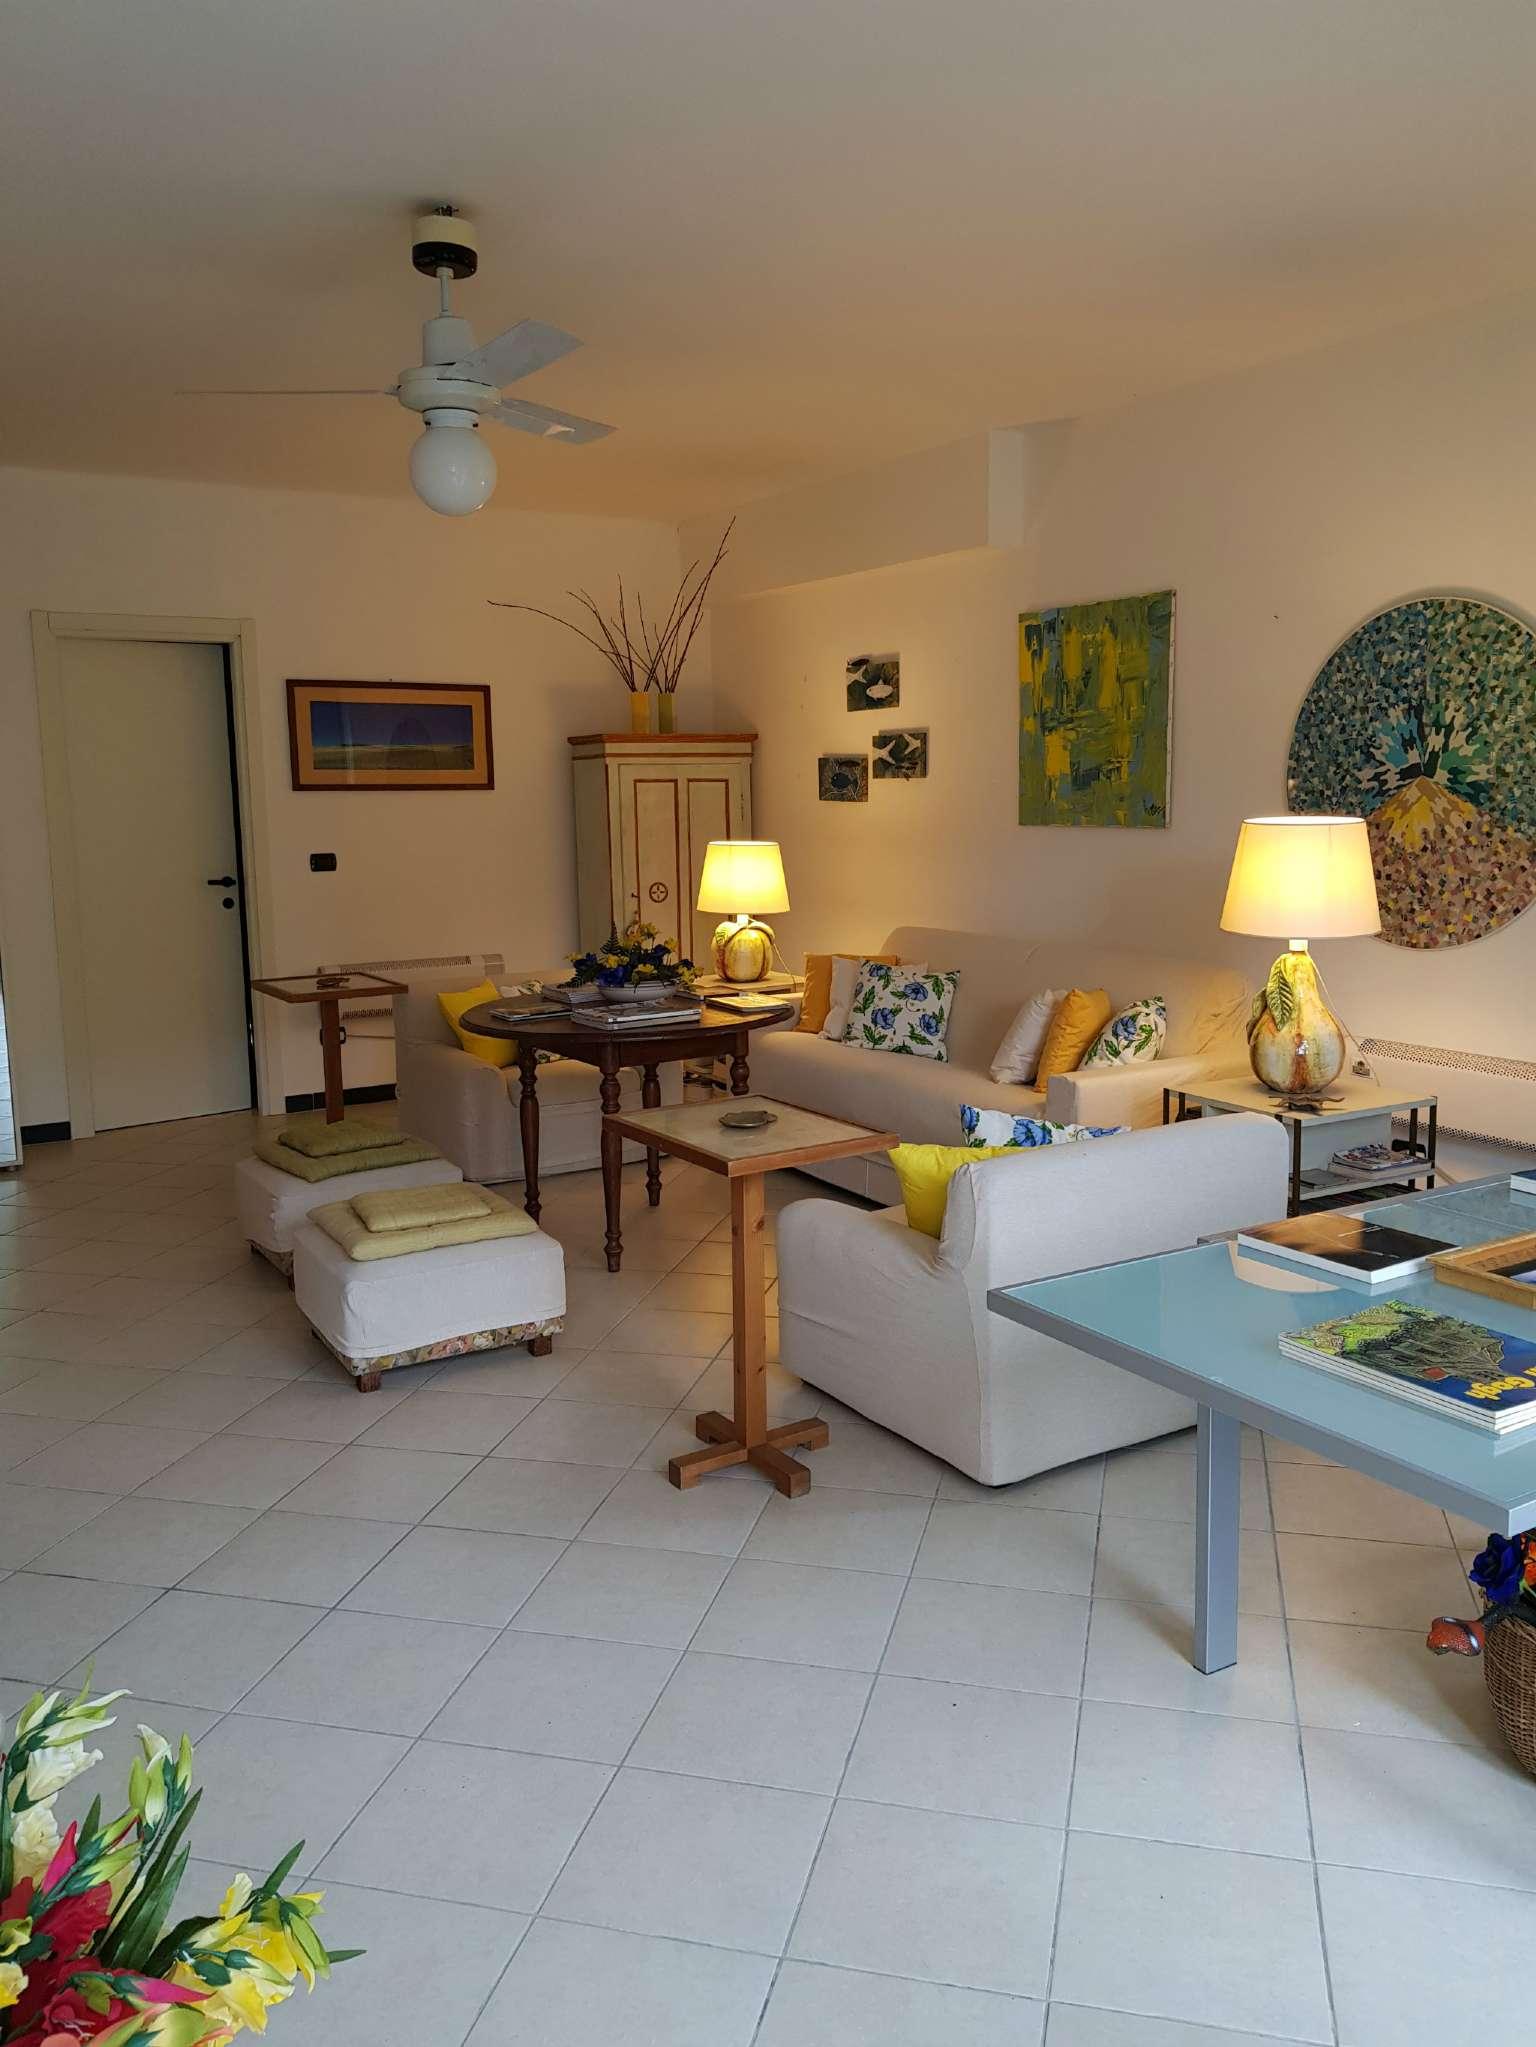 Appartamento in vendita a Castelbianco, 1 locali, prezzo € 190.000 | CambioCasa.it